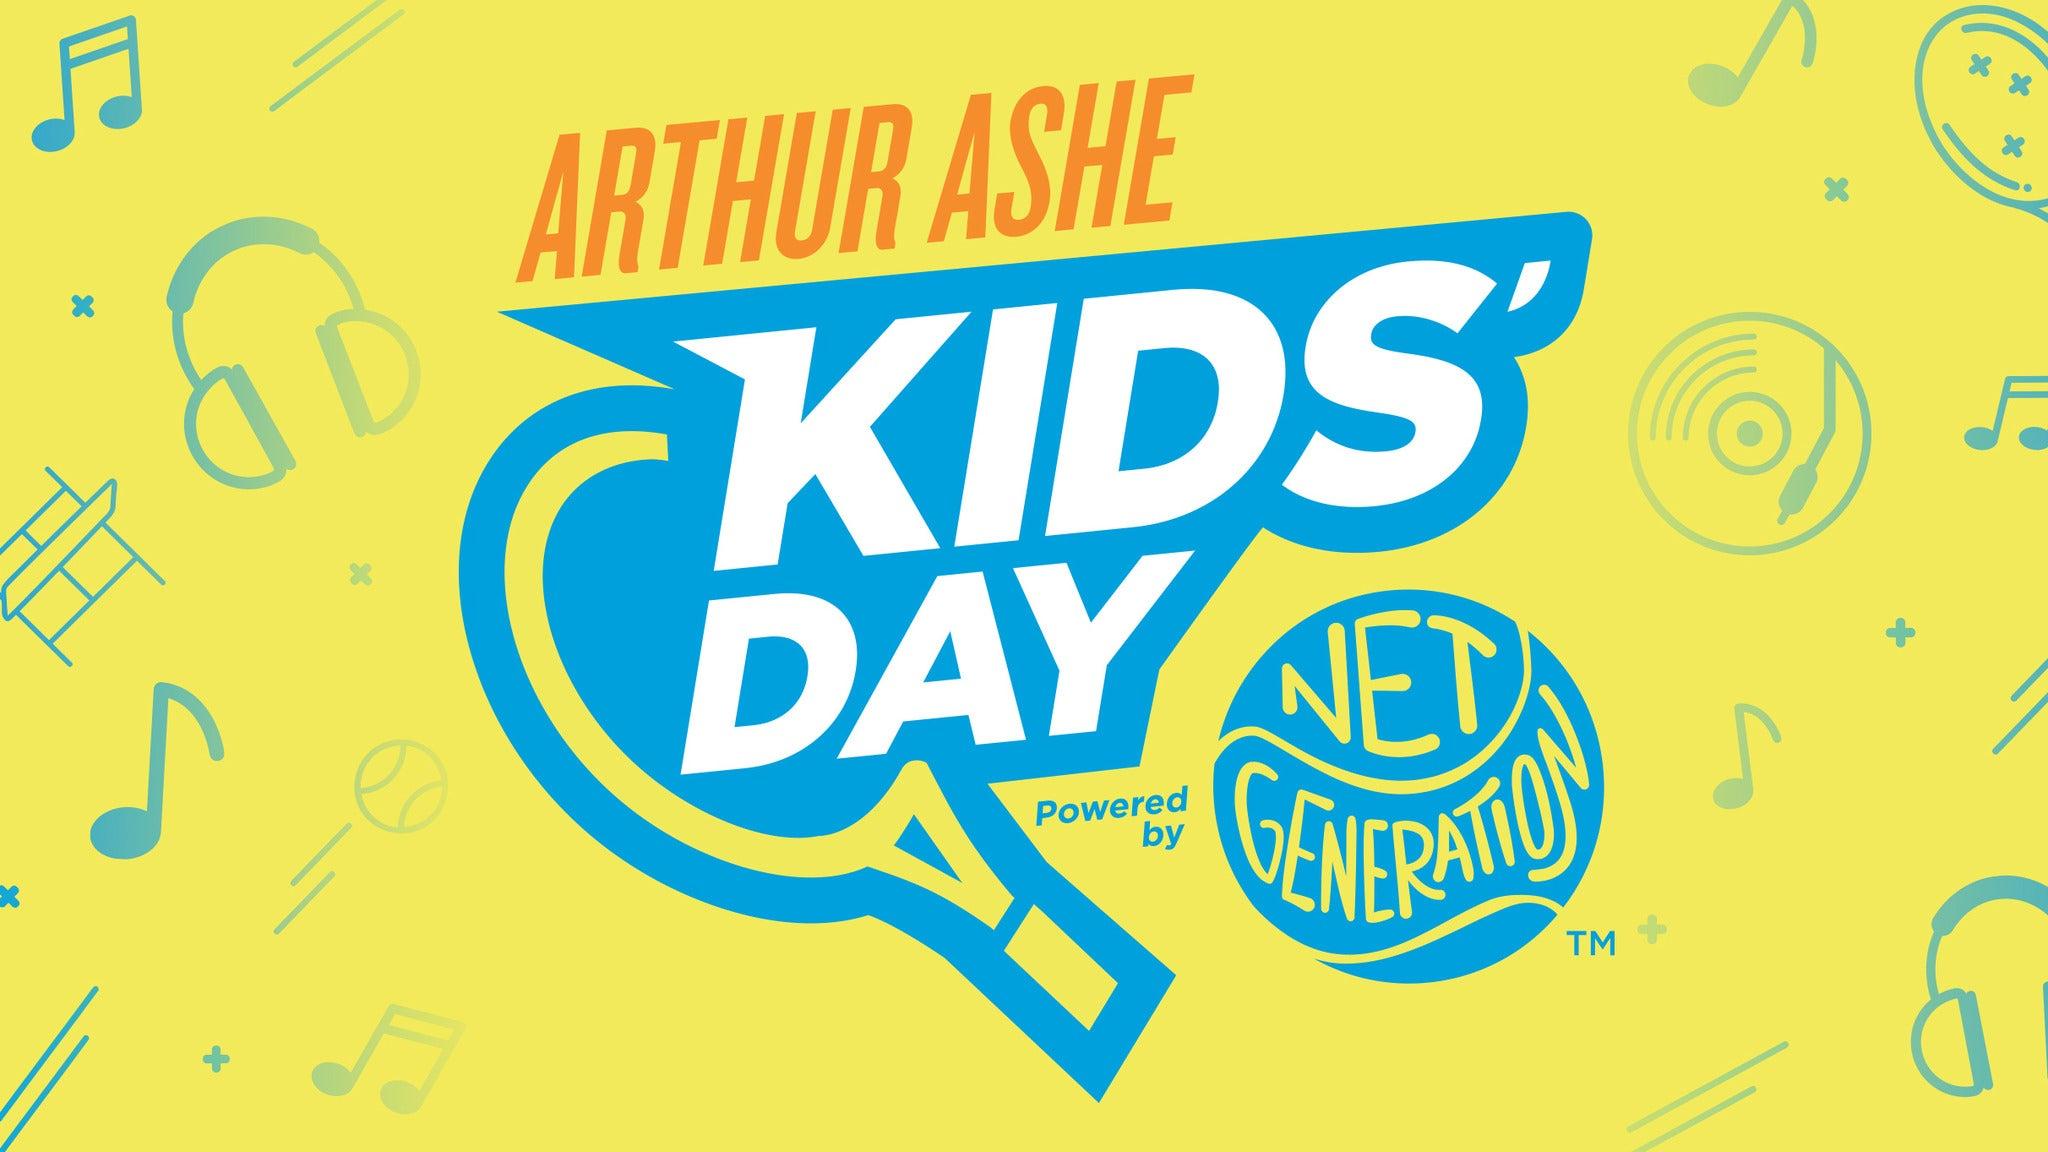 US Open Arthur Ashe Kids' Day